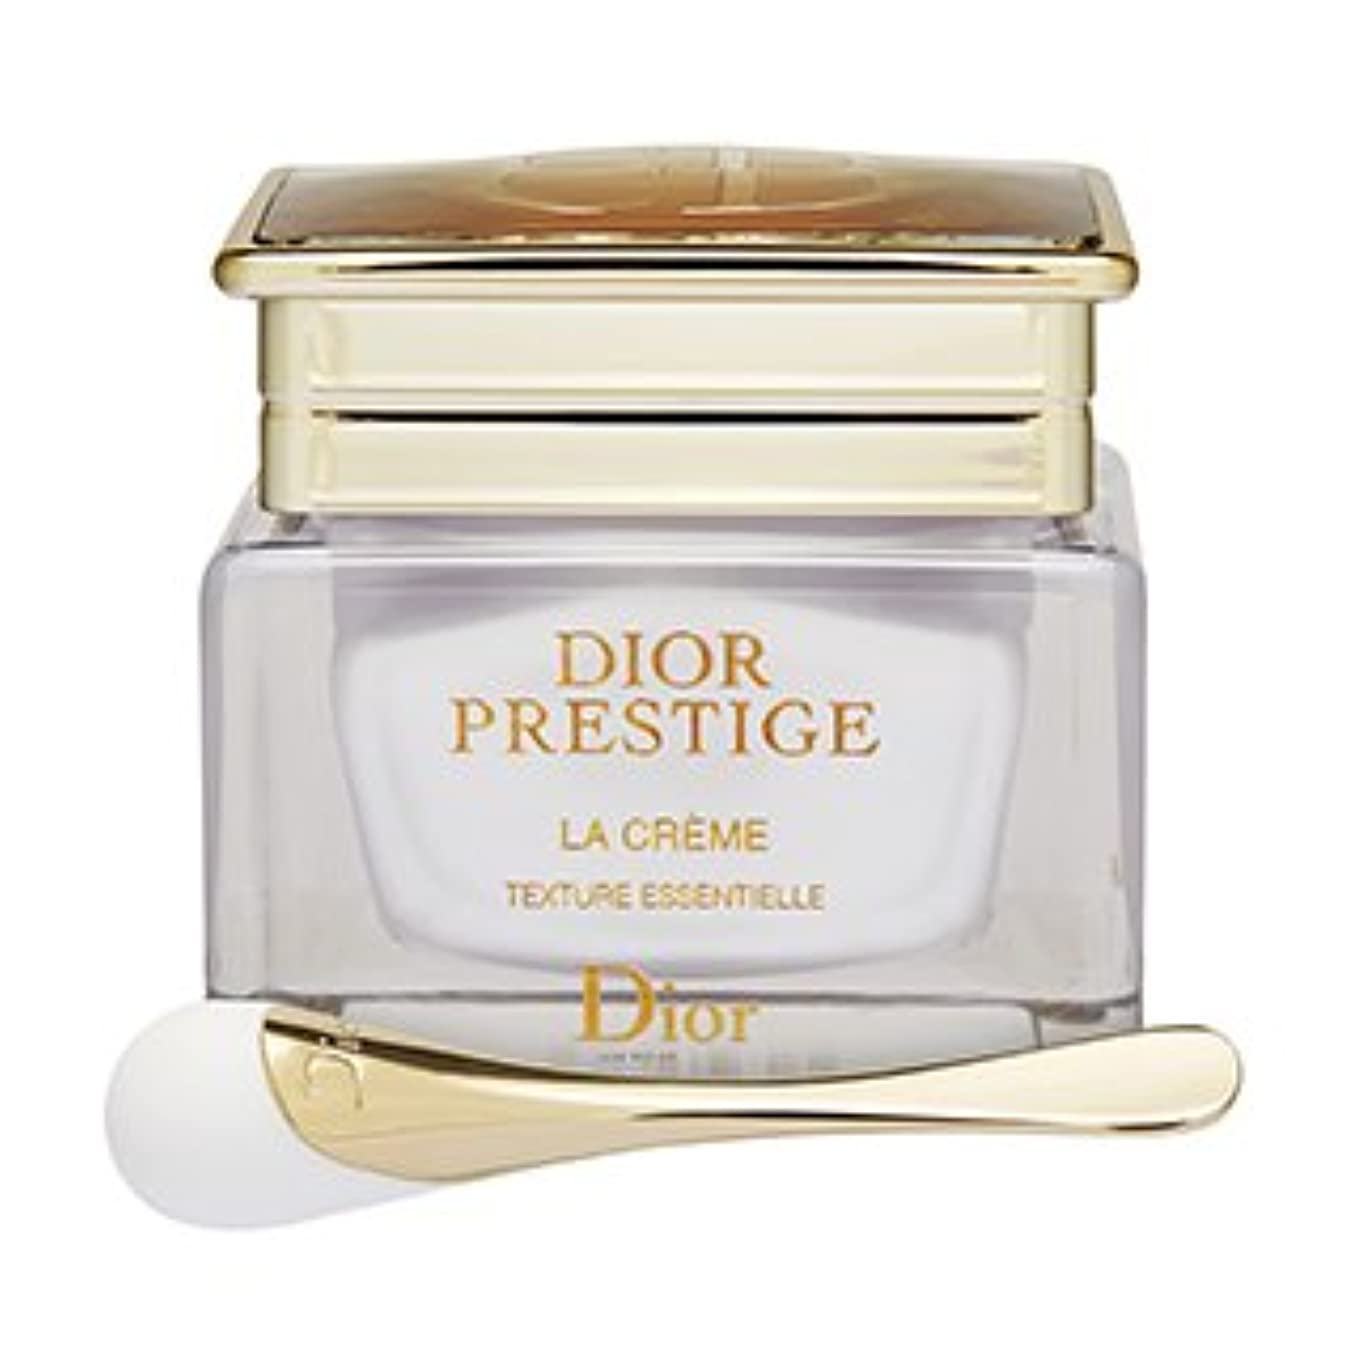 ディオール(Dior) プレステージ ラ クレーム - 極上のテクスチャー [並行輸入品]